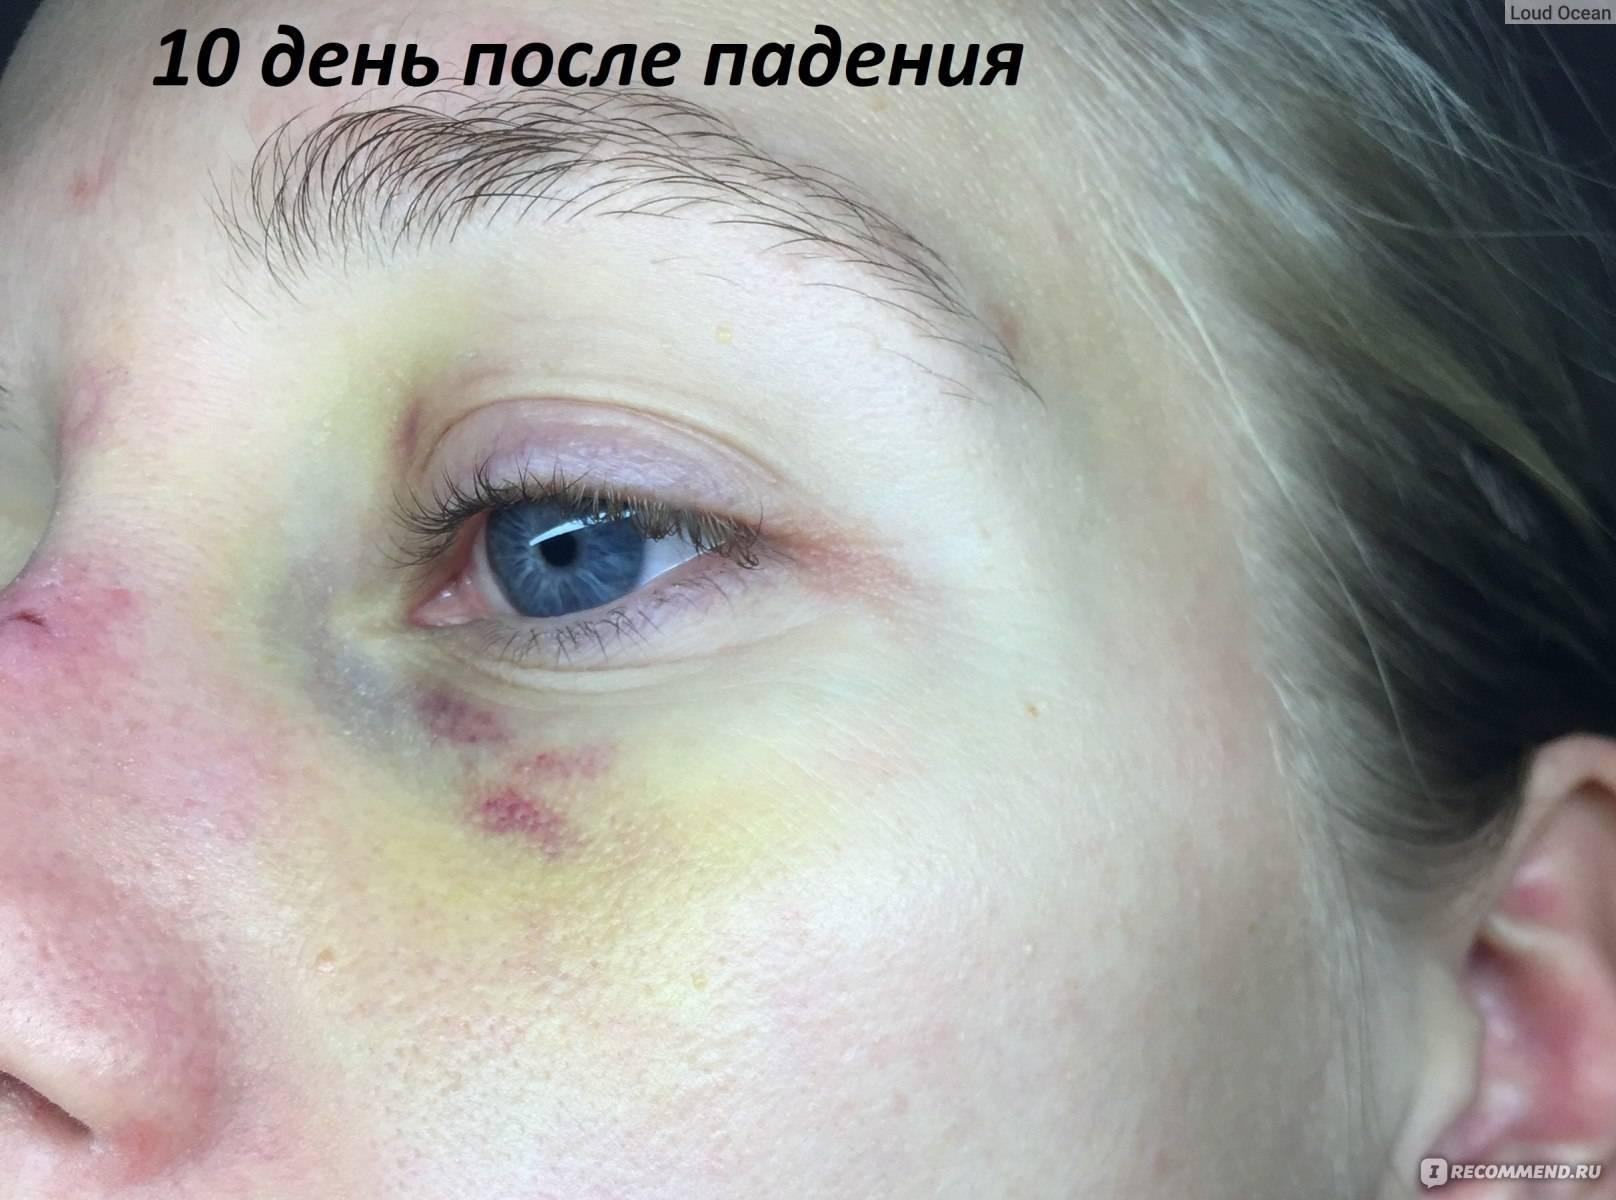 Гематома глаза после удара: лечение, как убрать на веке, под и над ним, вокруг зрительного органа